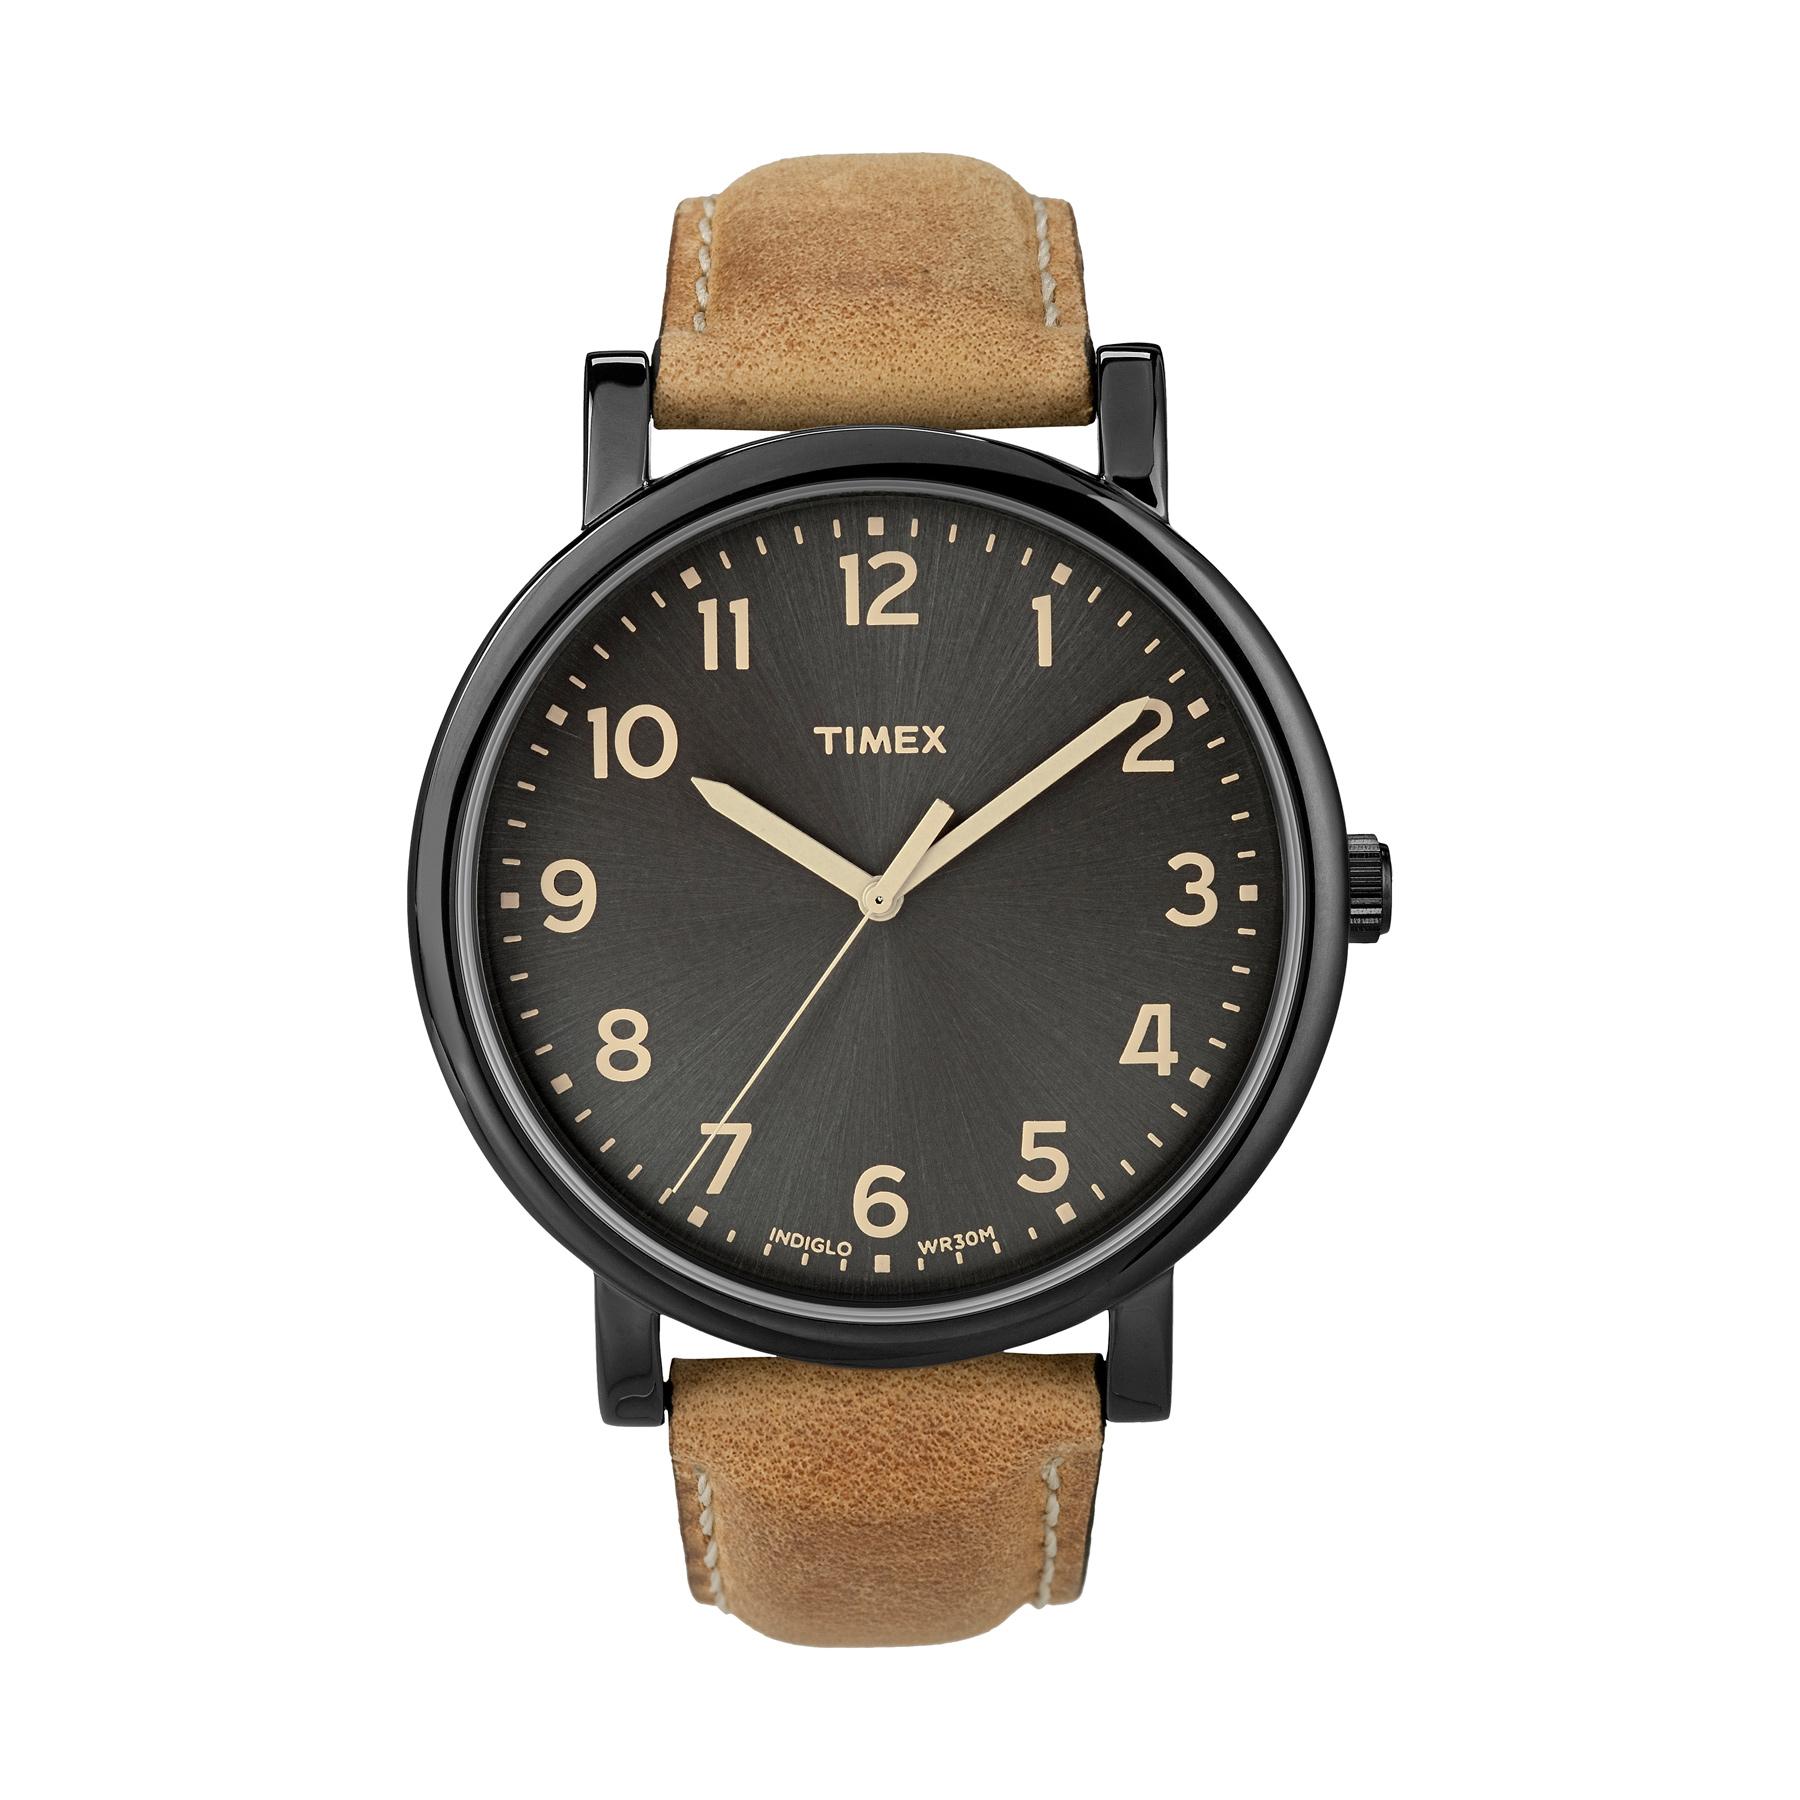 e5324af3277 Relógio TIMEX Originals Oversized T2N677. Adicionar à Lista de Desejos  Remover da Lista de Desejos